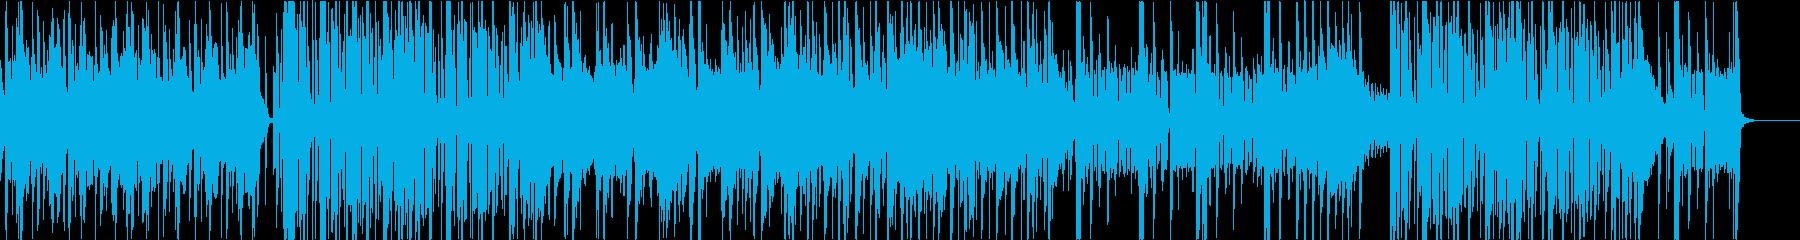 オシャレなエレクトロニックなファンクの再生済みの波形